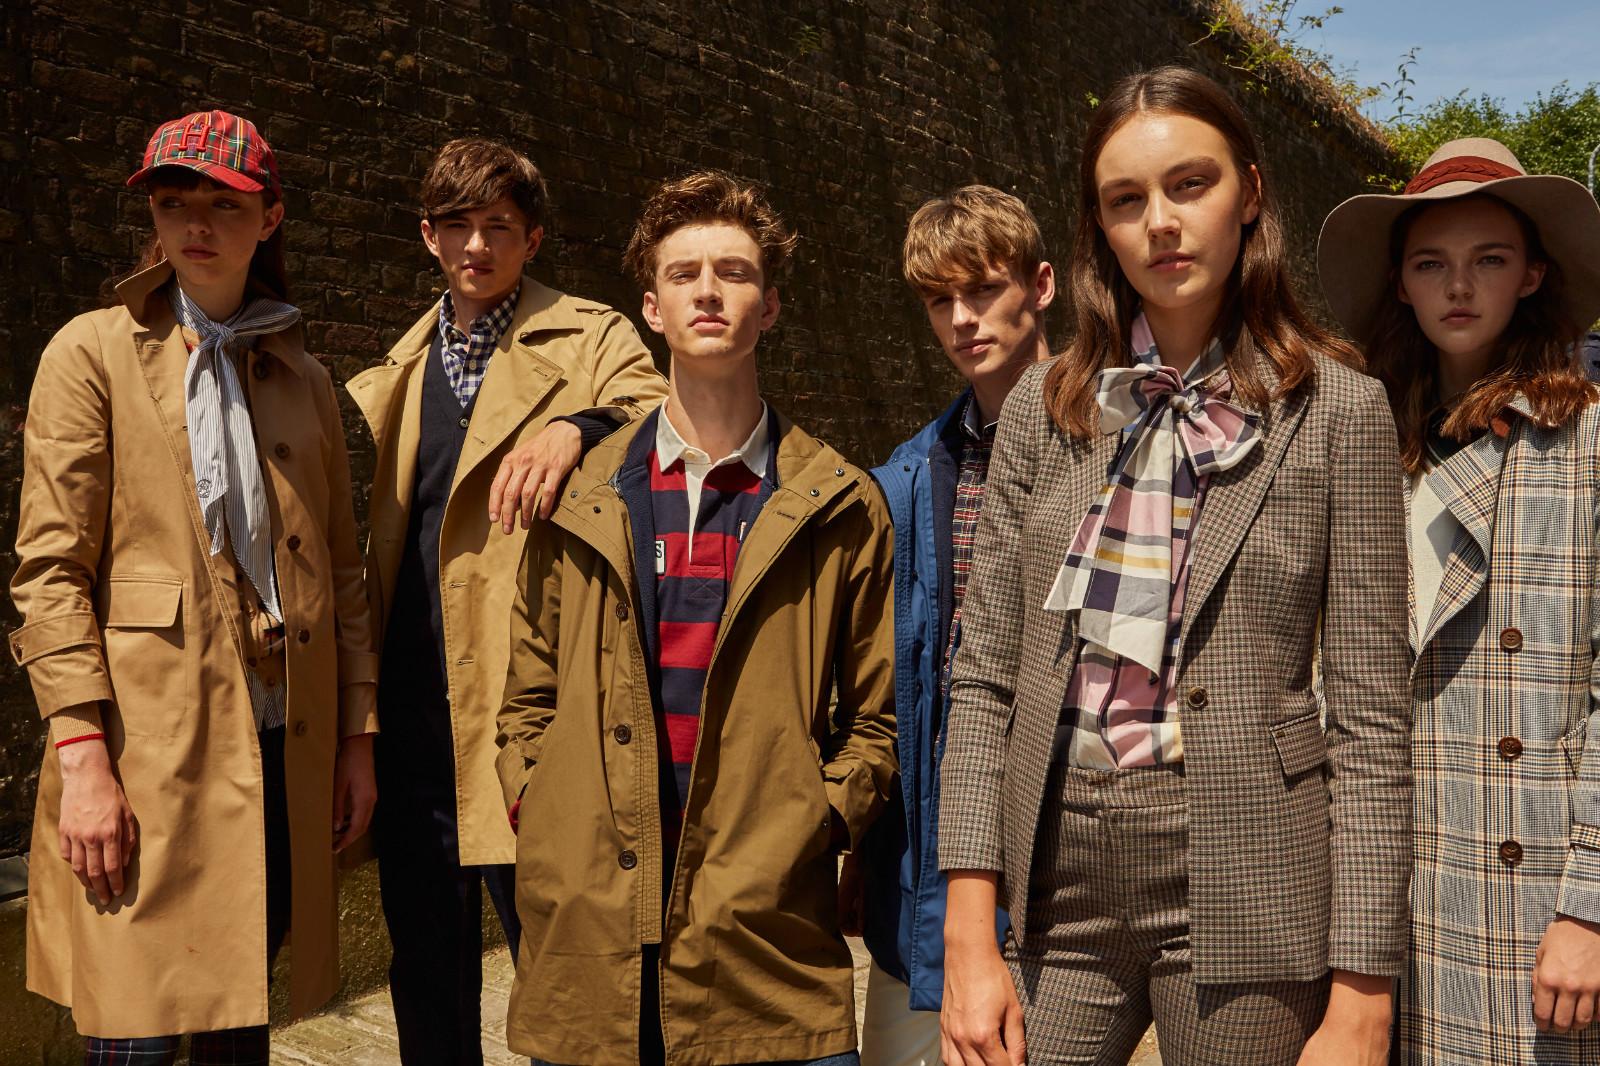 进入中国十年销售突破十亿,英伦时尚品牌 HAZZYS 做对了什么?